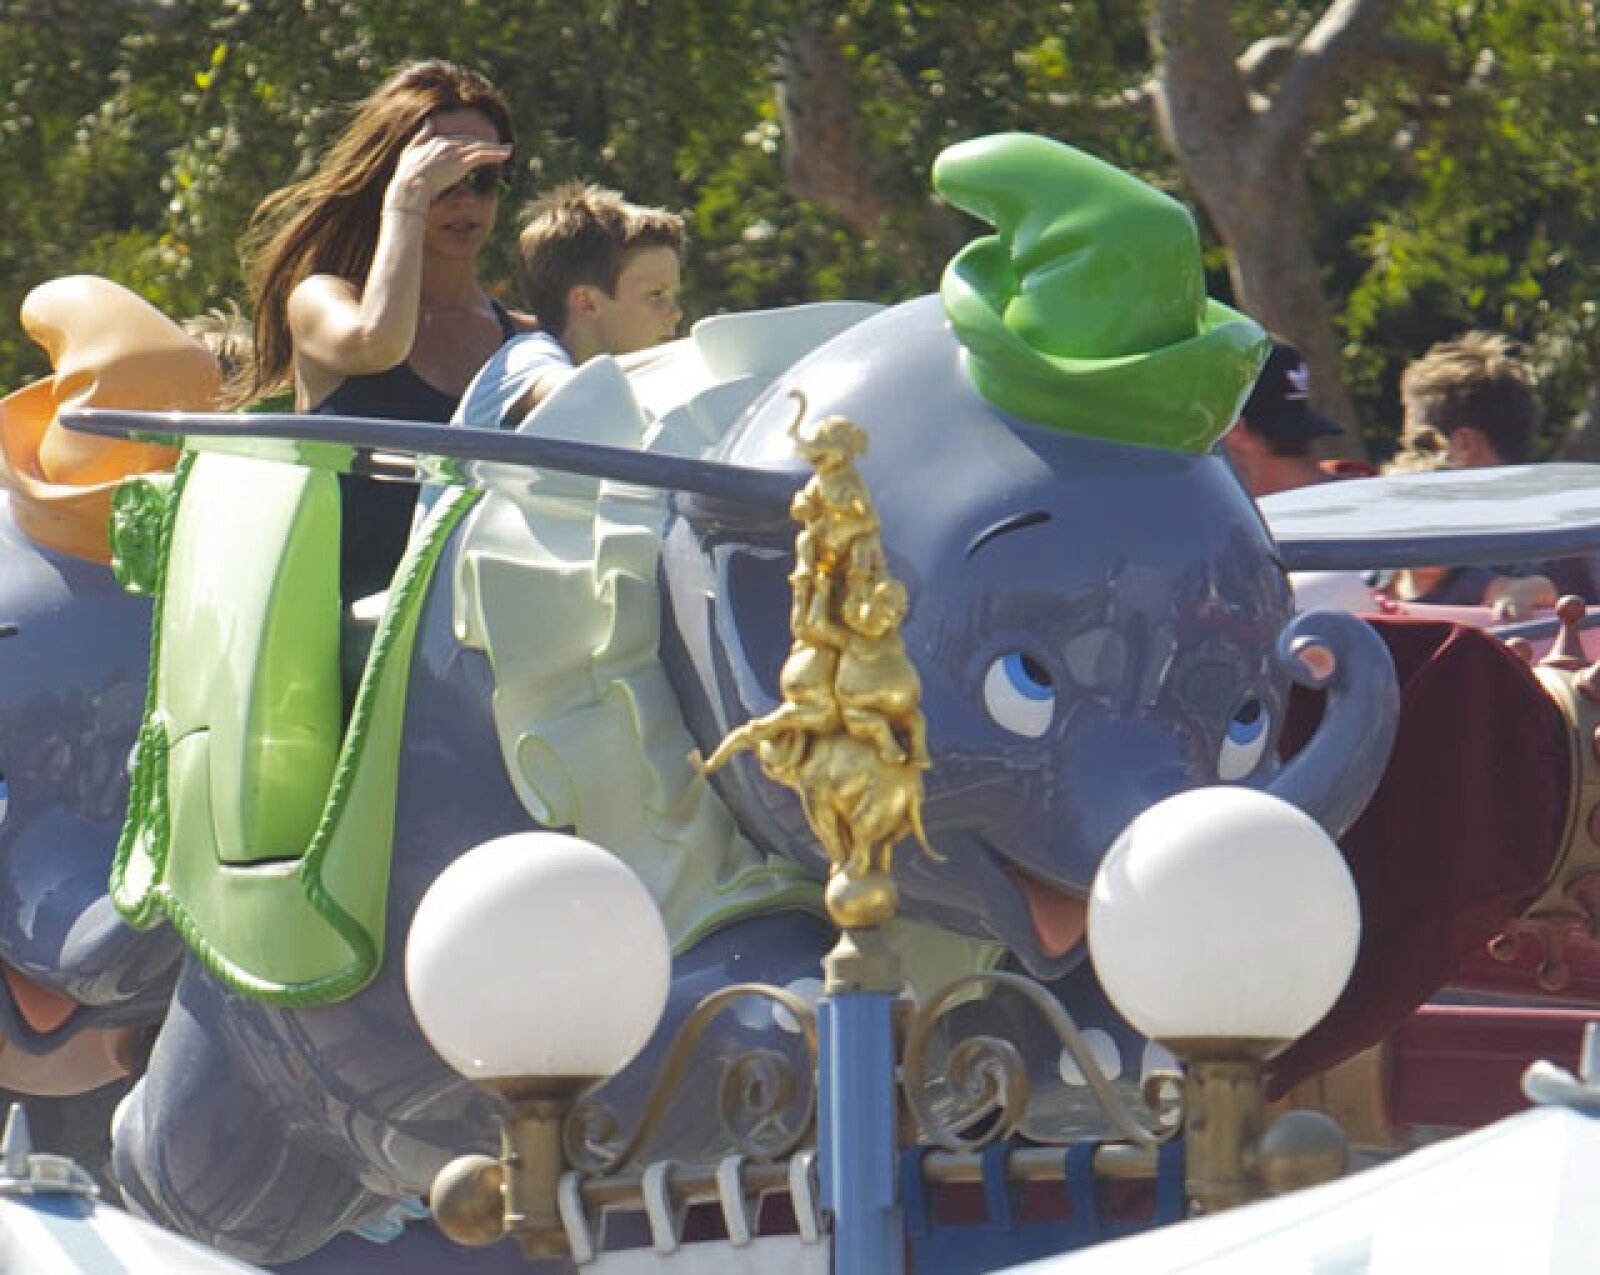 Esta vez la famosa y glamorosa familia aprovechó el fin de semana para pasar un día lleno de sonrisas en Disneyland.